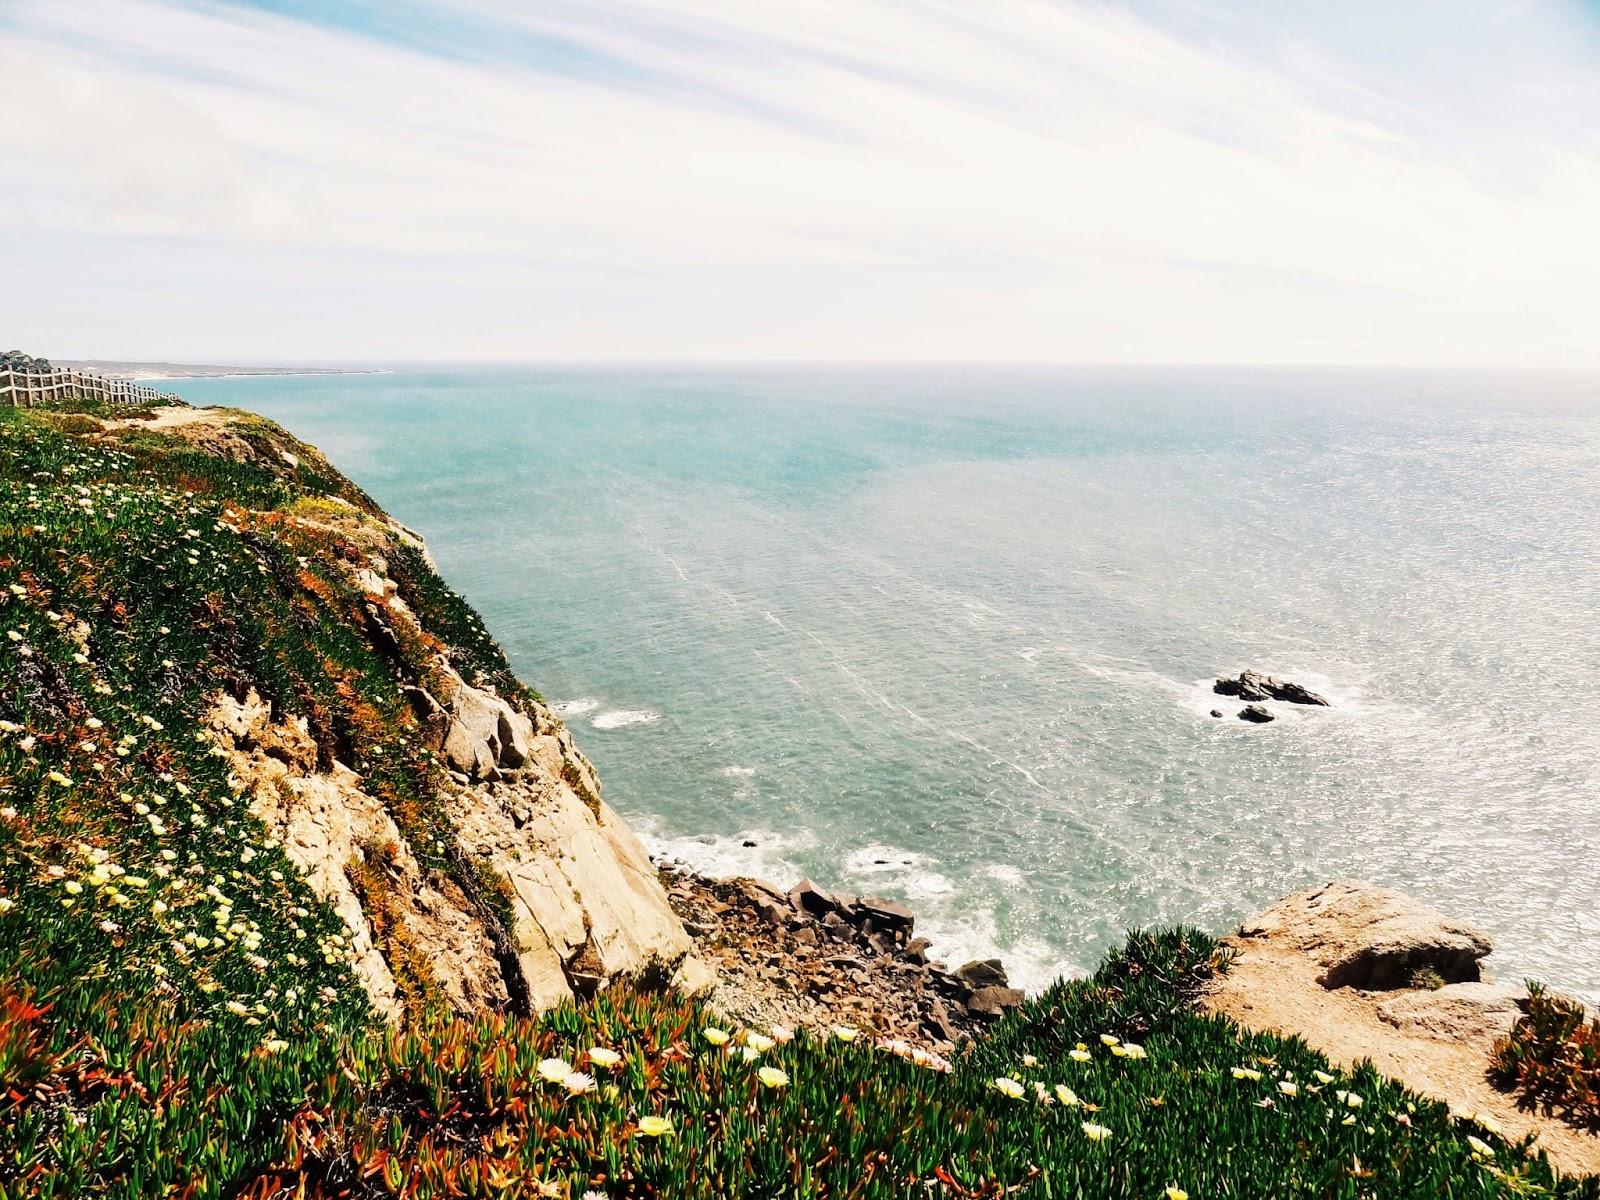 Cabo da roca, Portugal - www.hellolaroux.com